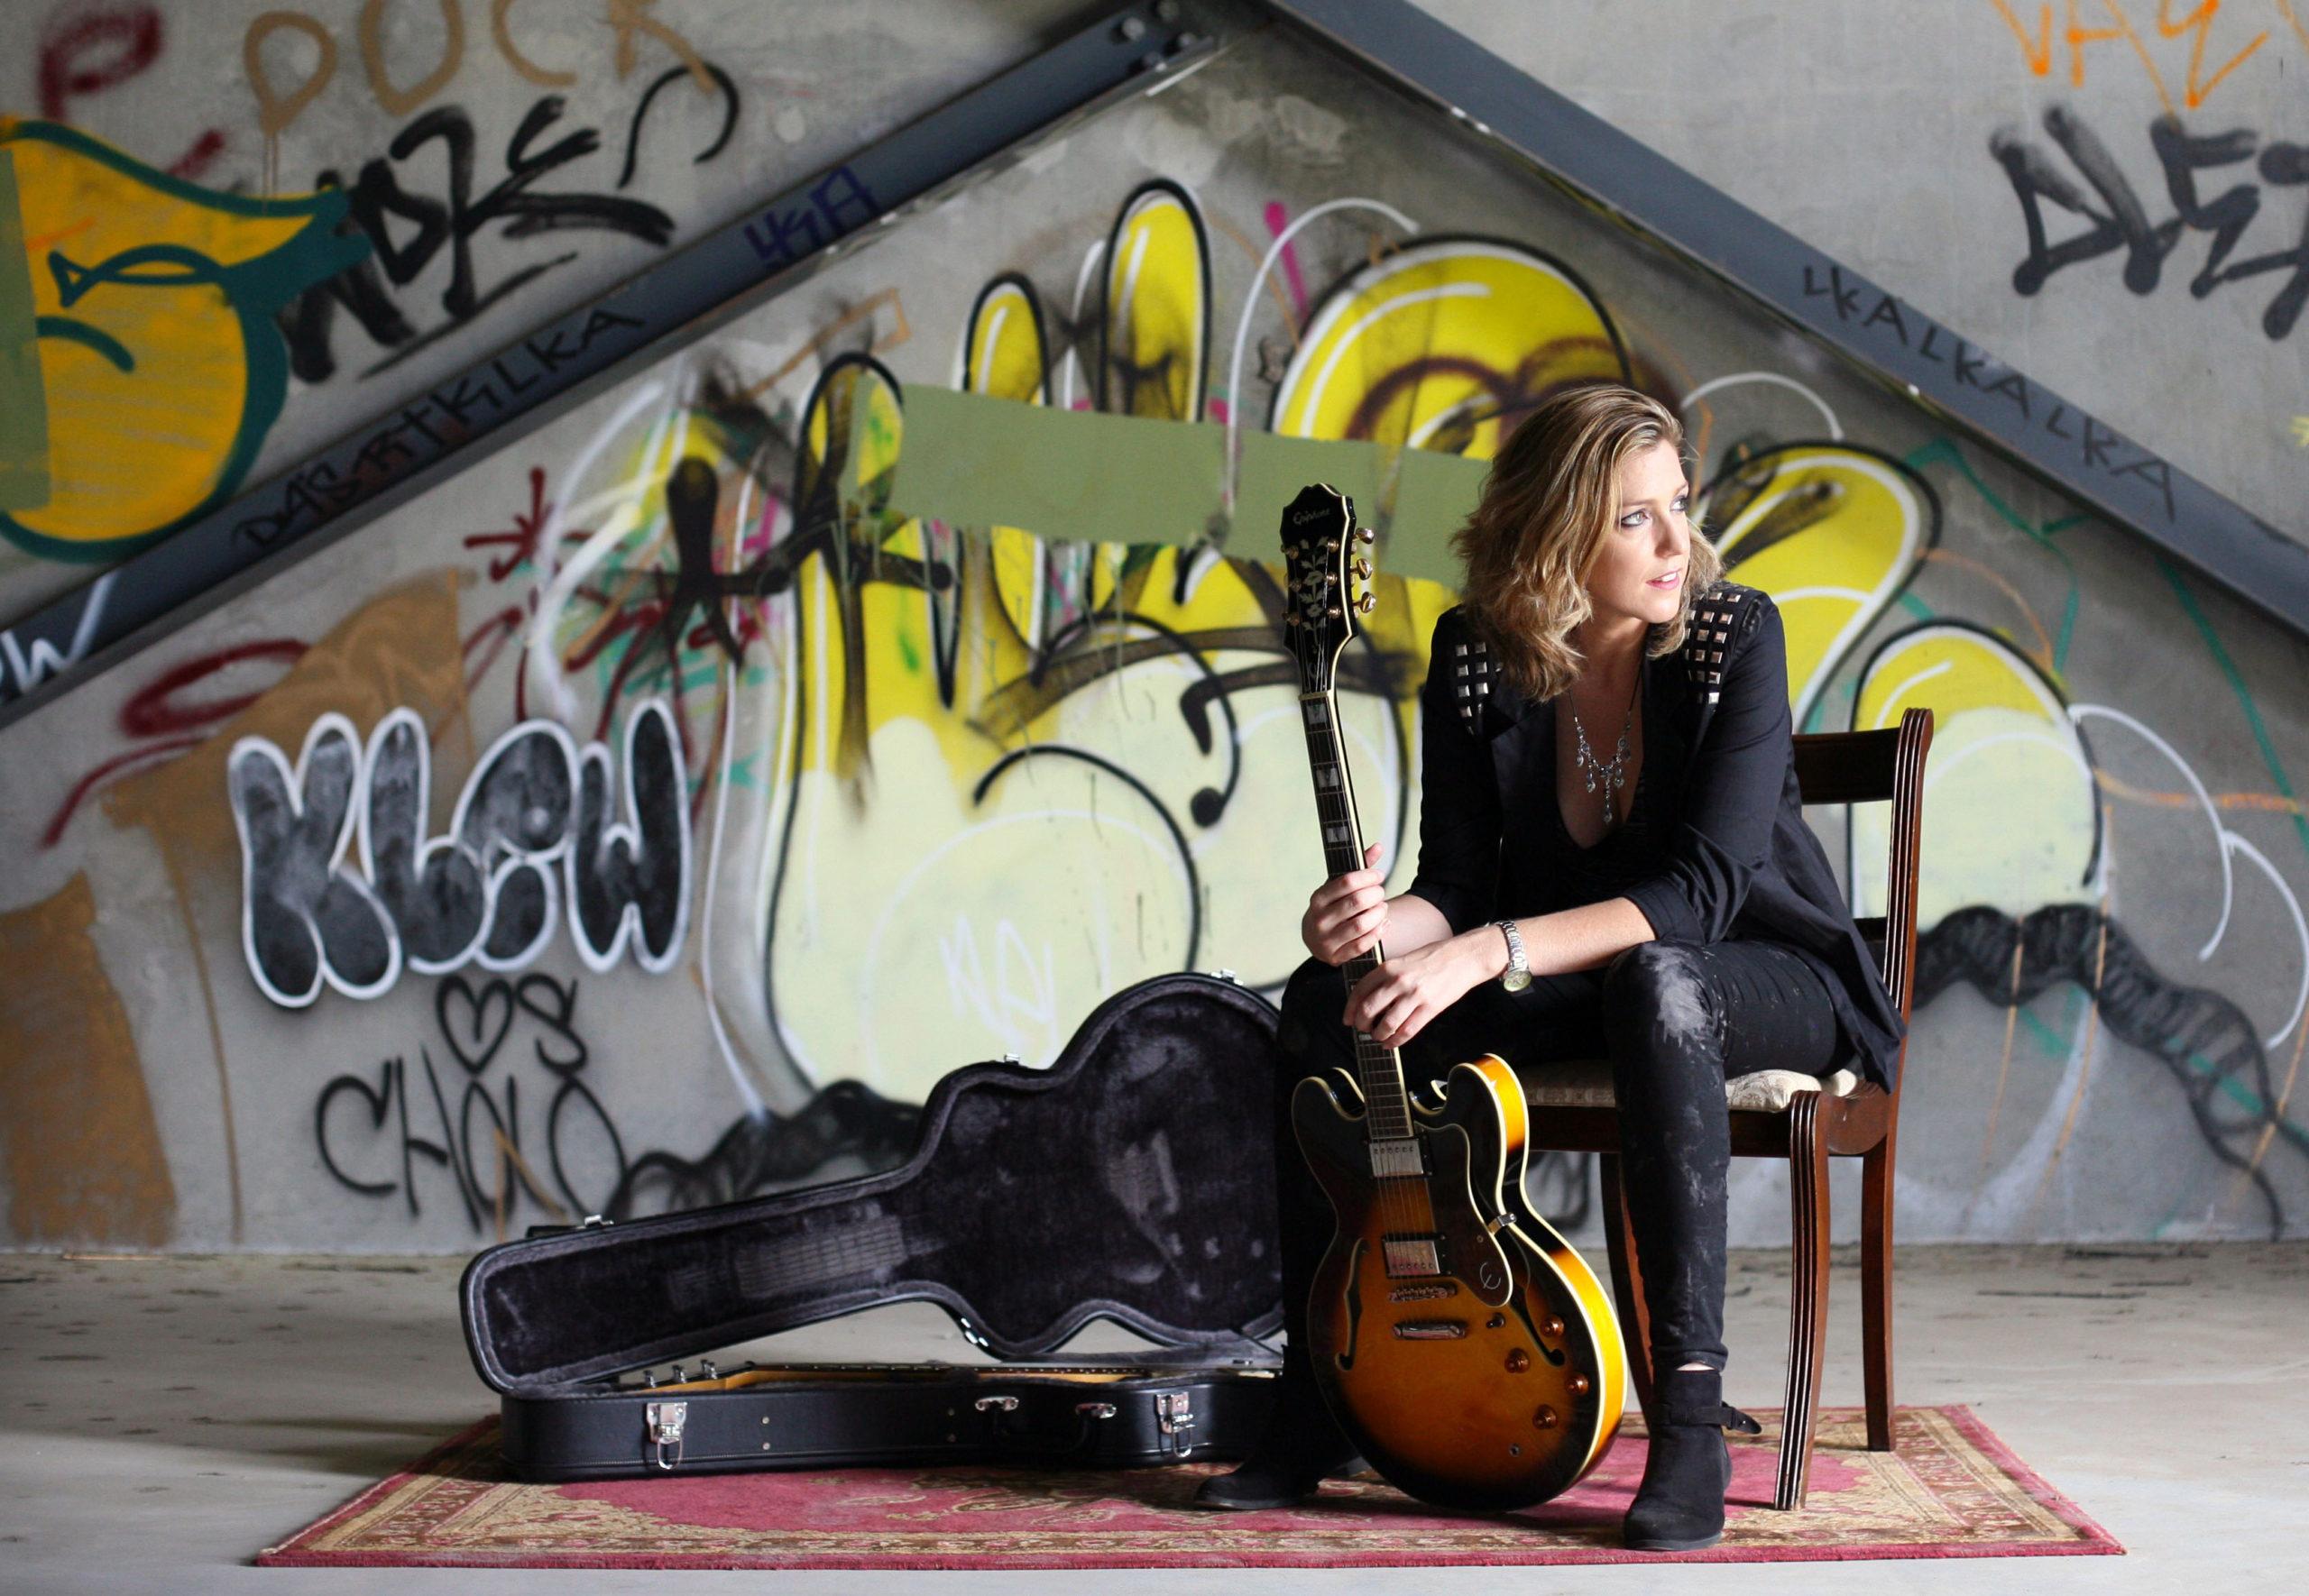 Die australische Singer/Songriterin Lecia Louise tritt am 10. April 2017 im Filou in Steinhude auf